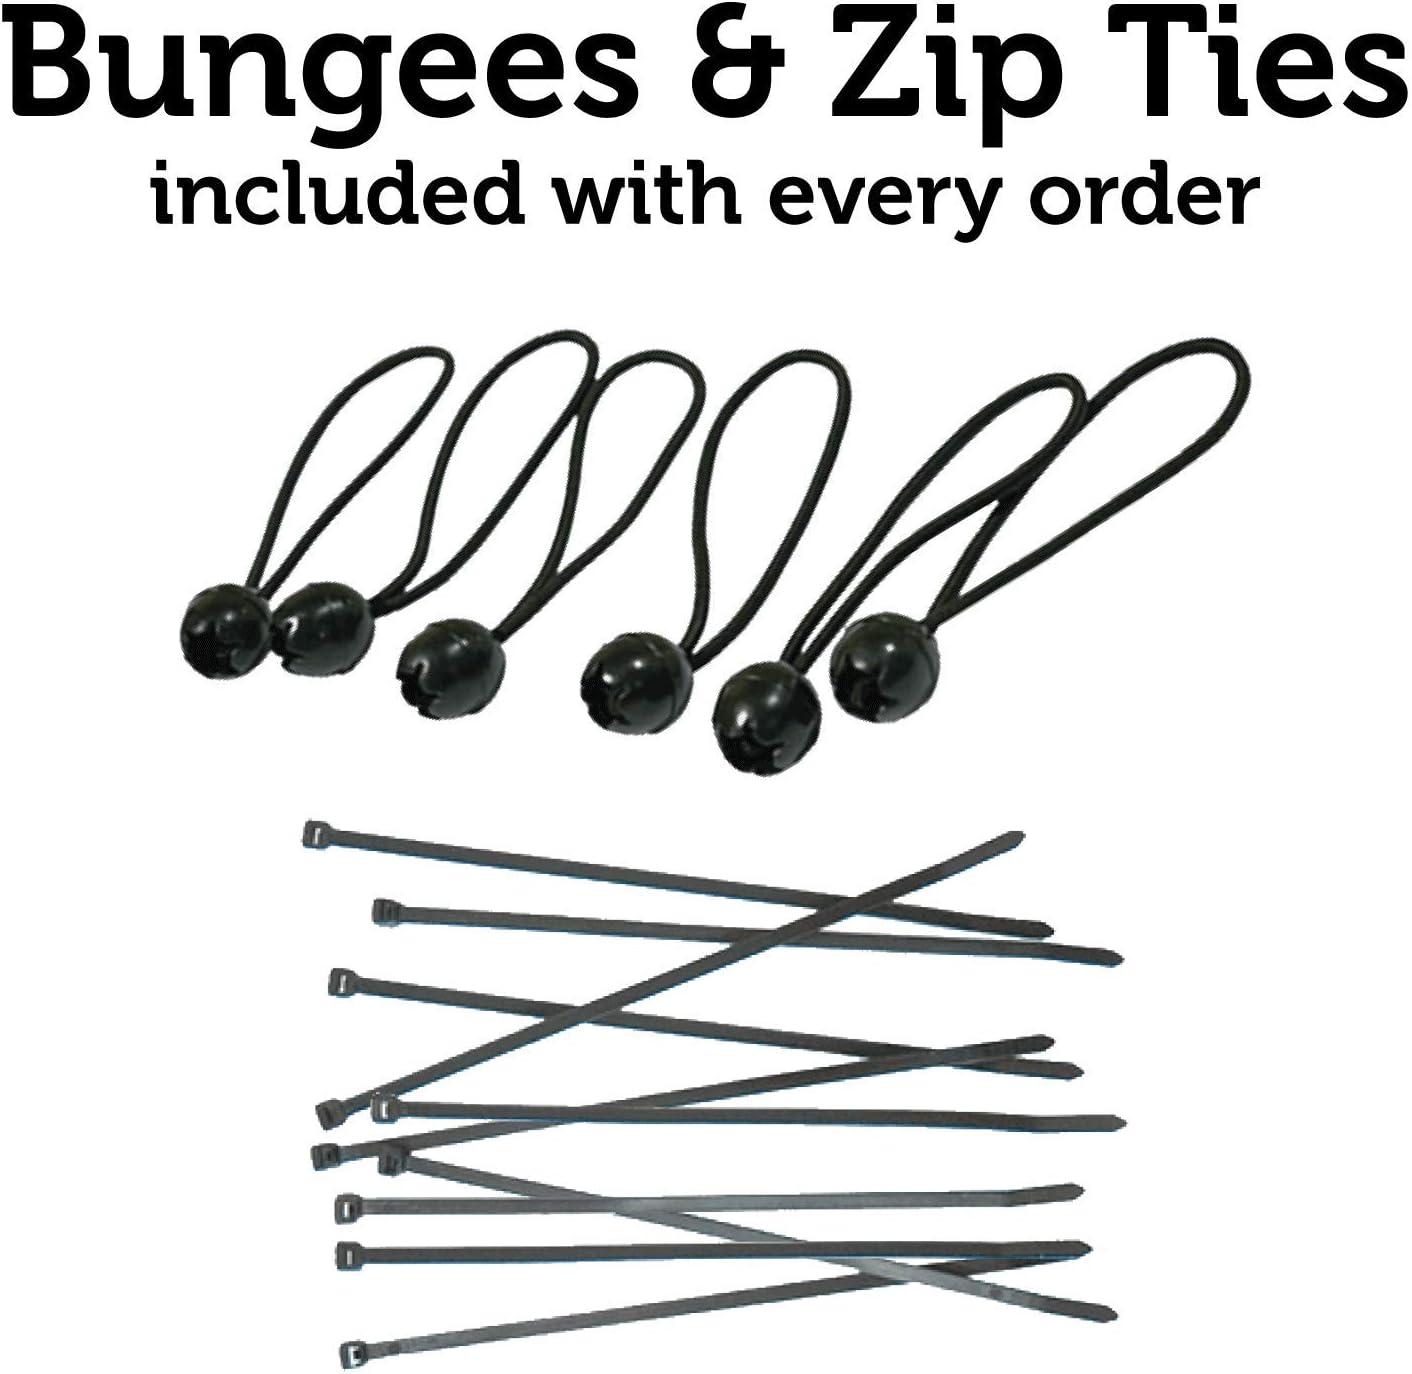 Easy Hang Sign-Made in USA Black Friday Shutter Vinyl Banner-Indoor//Outdoor 3X8 Foot -Grey Includes Zip Ties HALF PRICE BANNERS